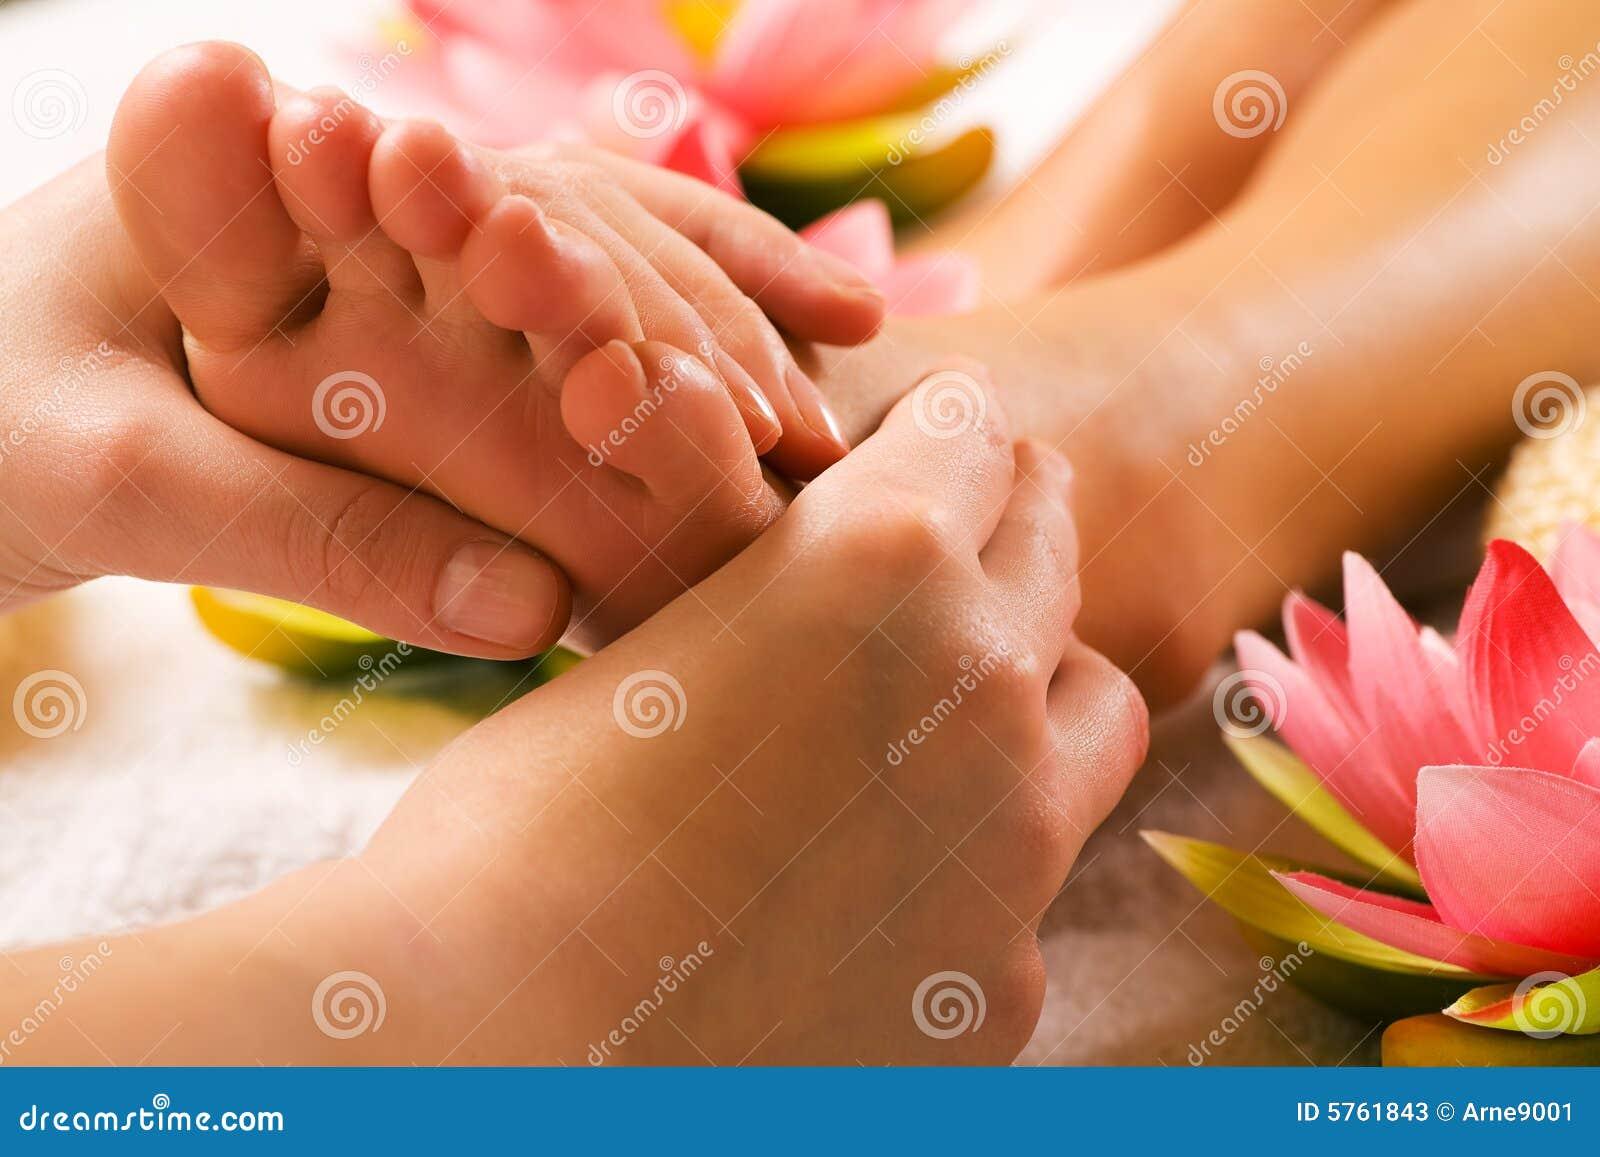 Füße Massage